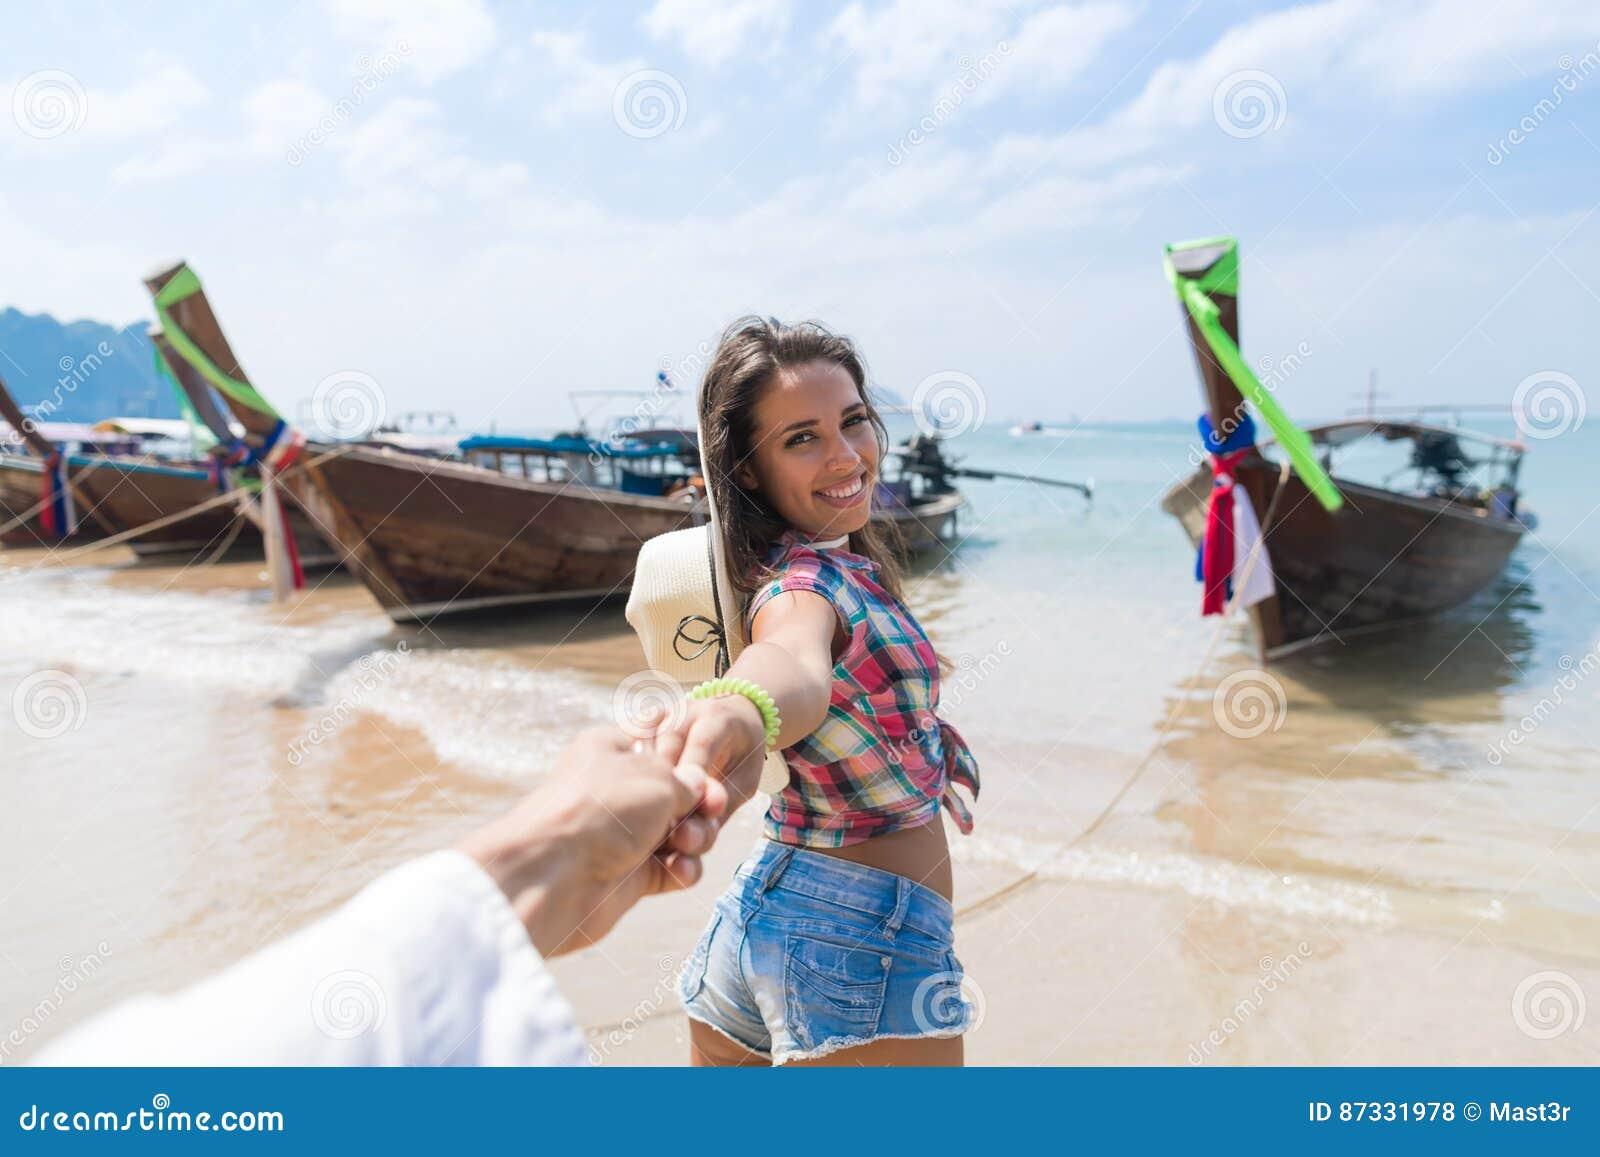 För Thailand för lång svans för barnpar turist- tur för lopp för semester för hav för hav för port fartyg